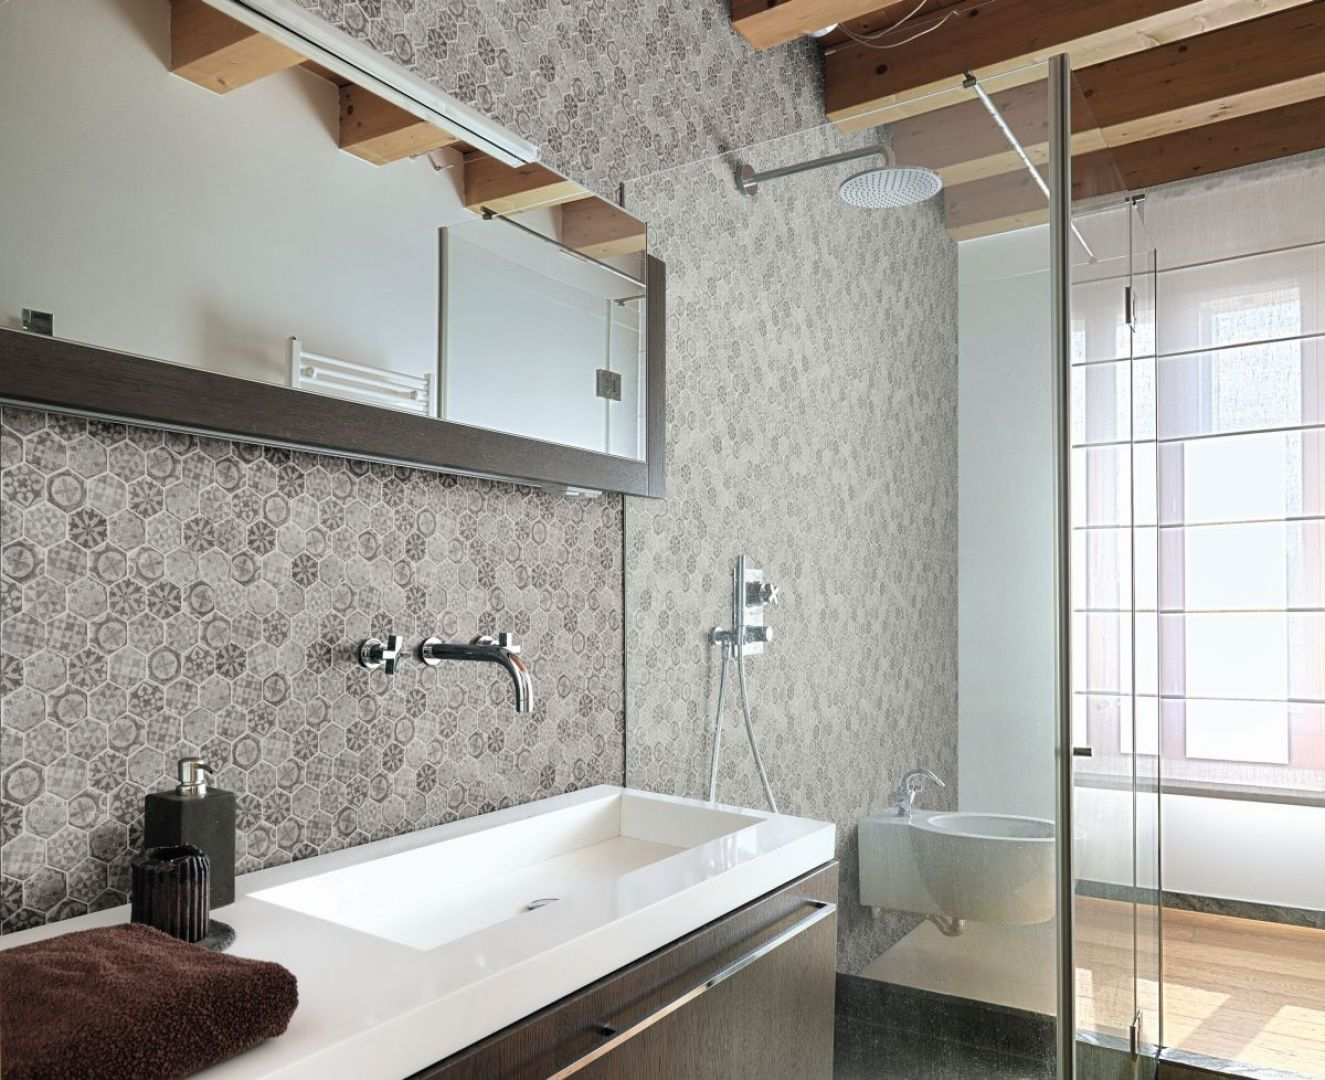 Ściana w strefie umywalki wykończona szklaną mozaiką z kolekcji Ink marki Alttoglass. Fot. Alttoglass